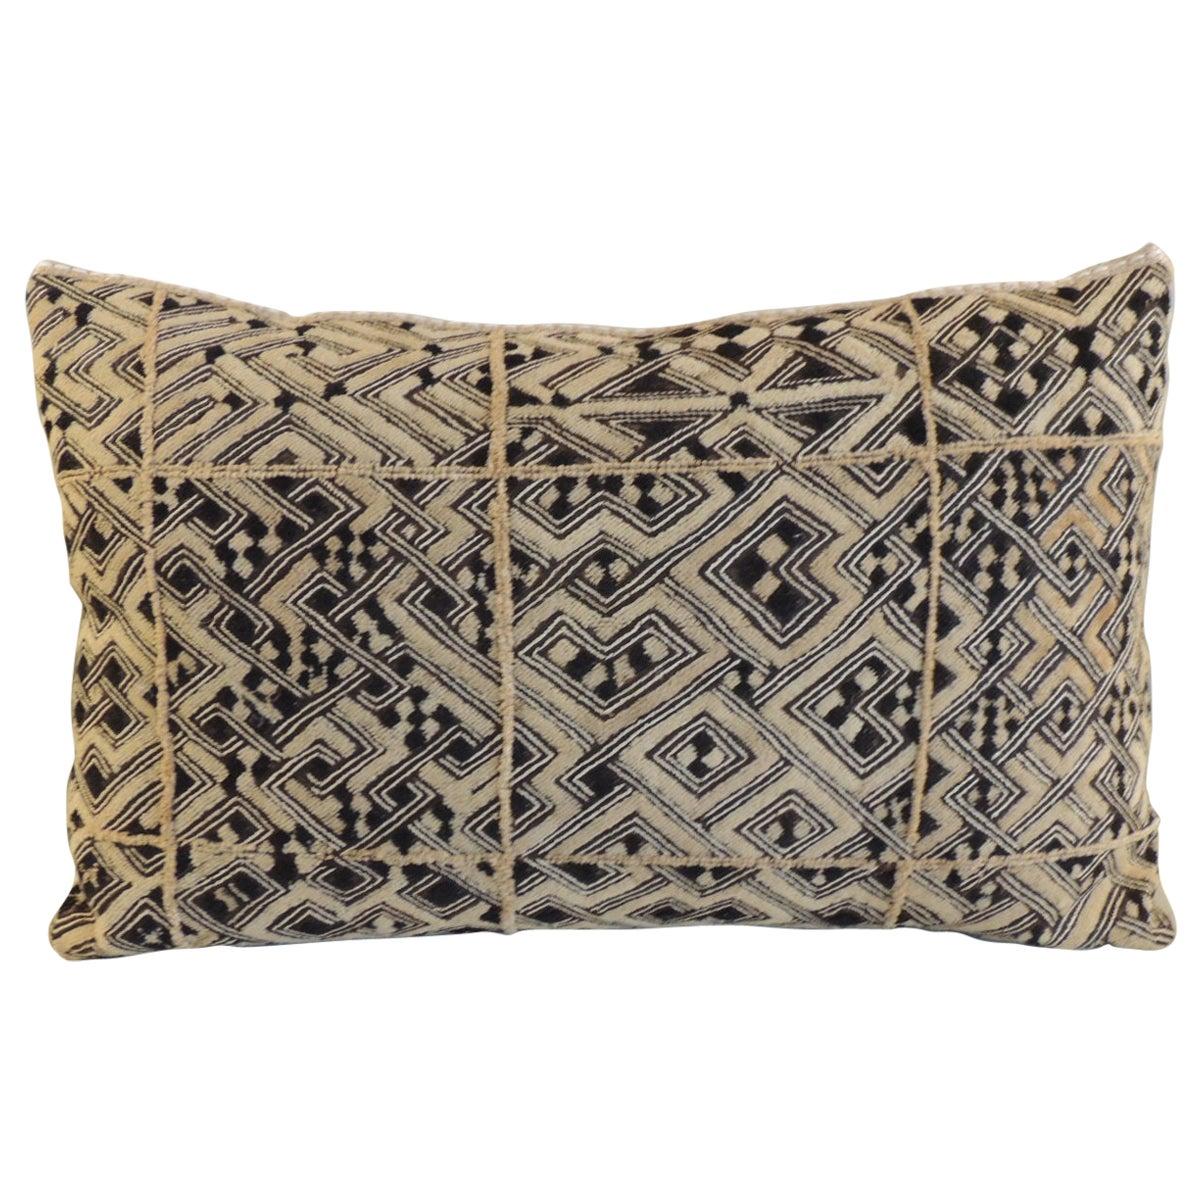 Monumental African Raffia Velvet Long Bolster Decorative Pillow